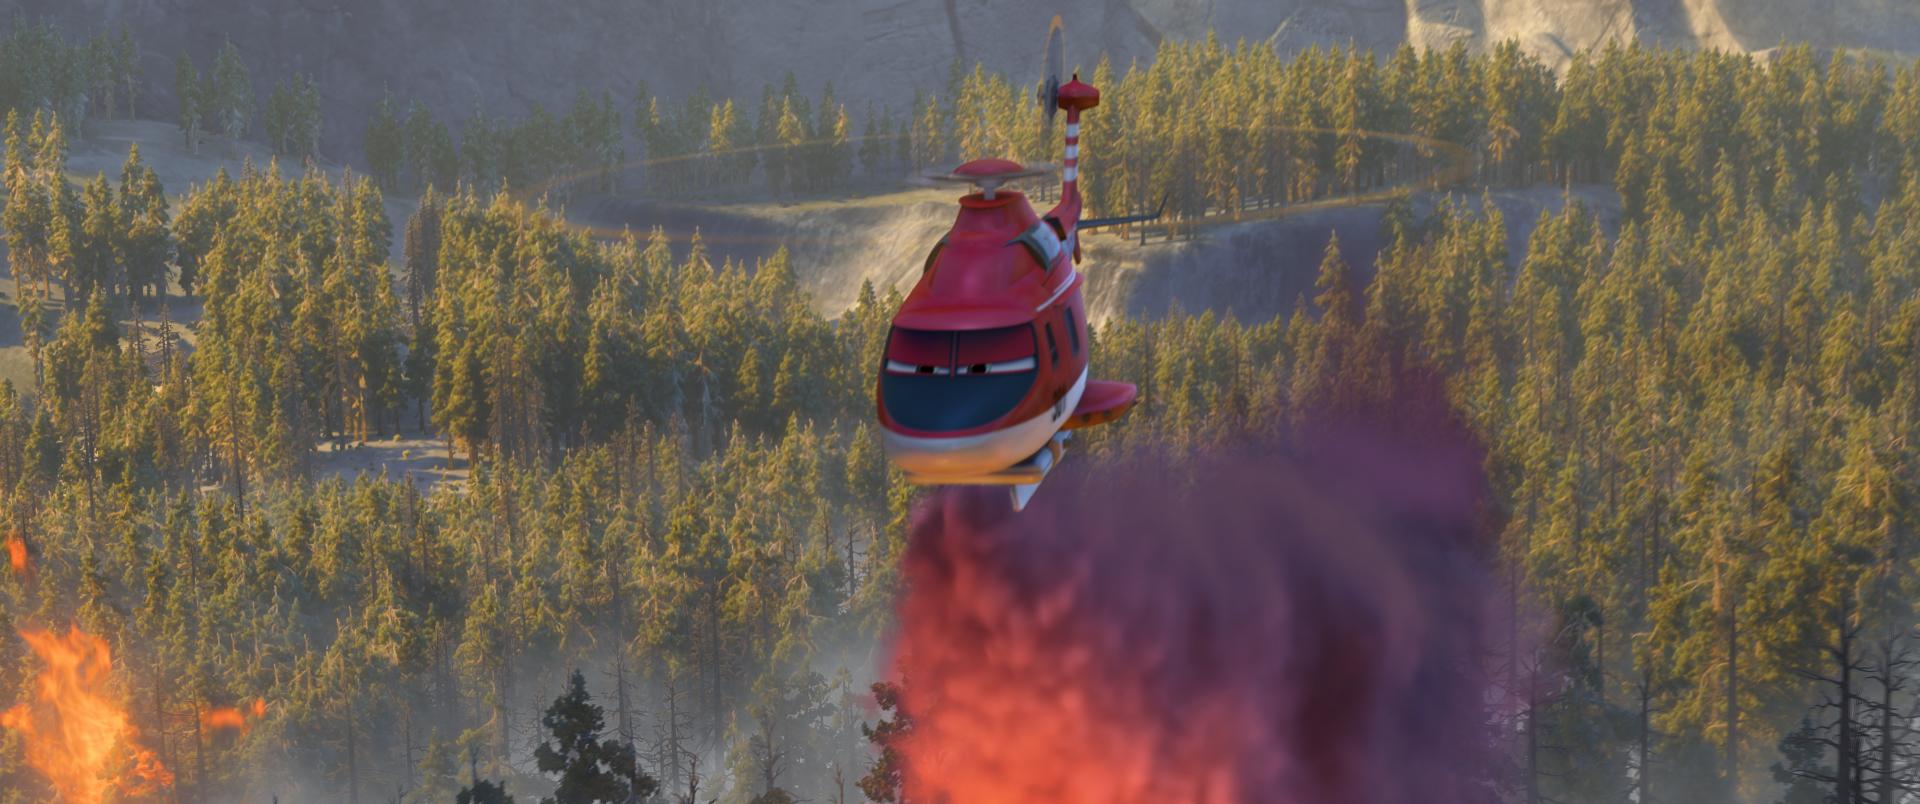 Planes 2 - Missione Antincendio: una scena tratta dal film d'animazione